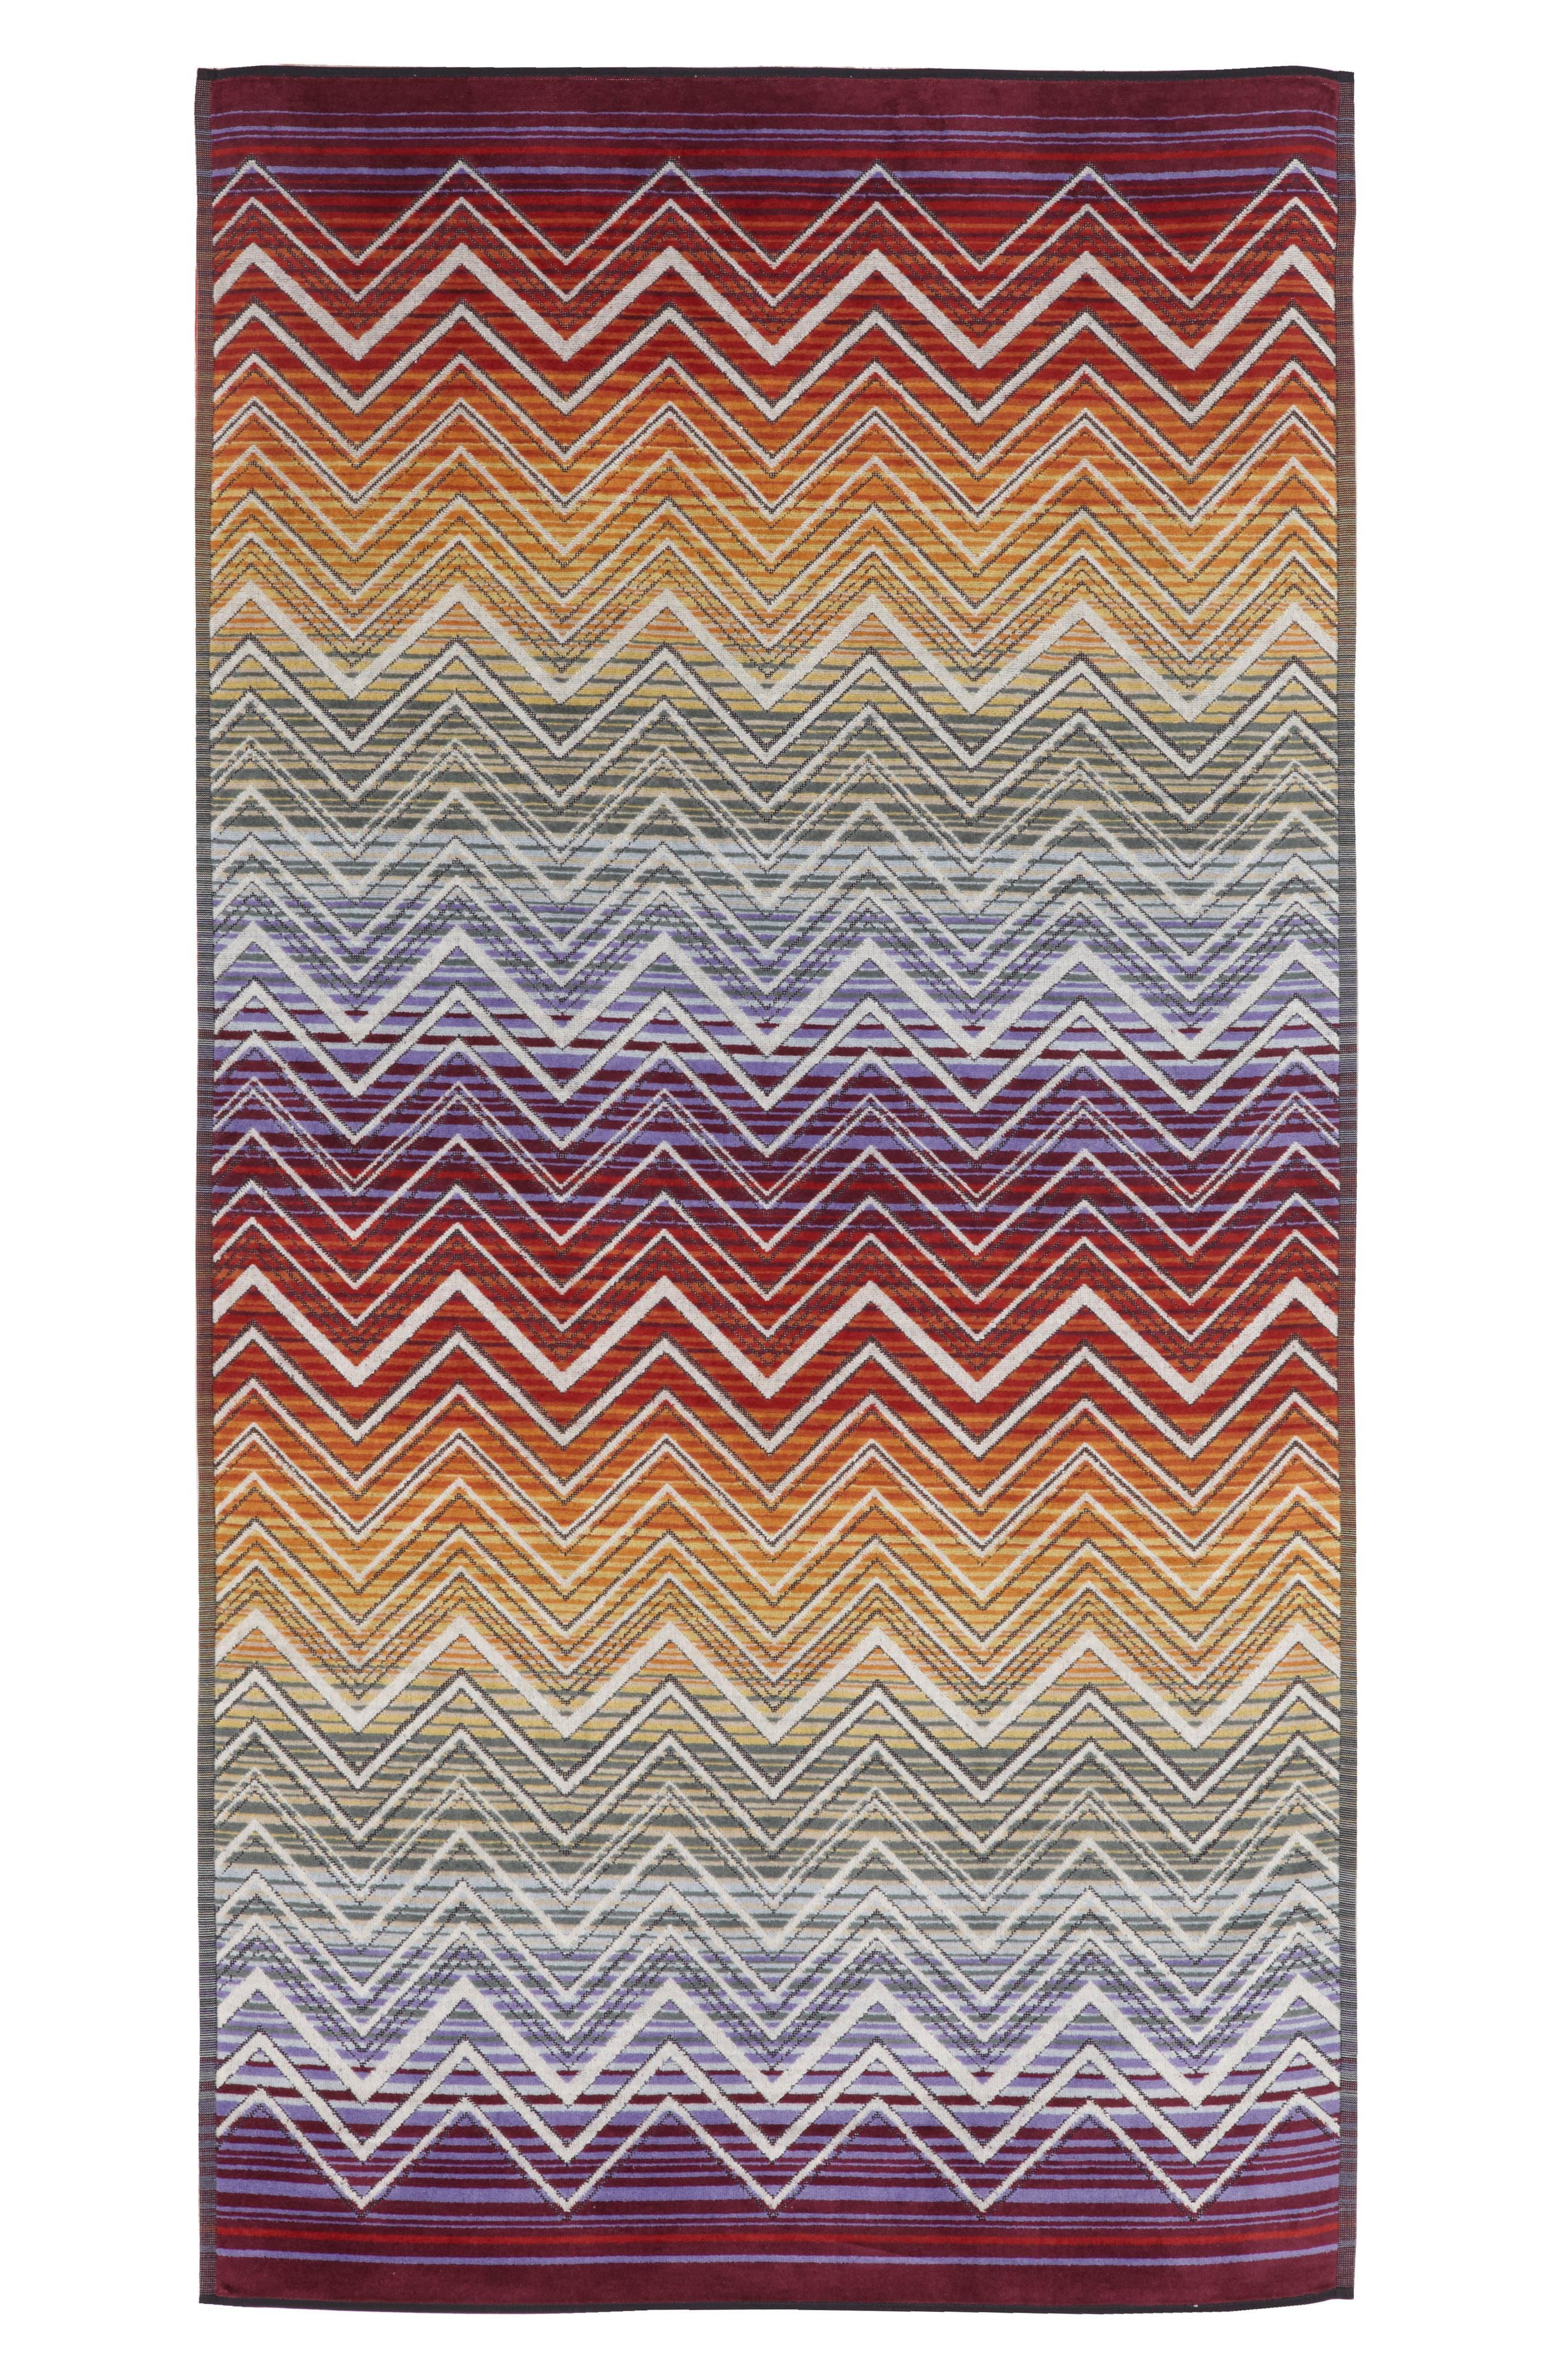 Tolomeo Hand Towel,                             Main thumbnail 1, color,                             600